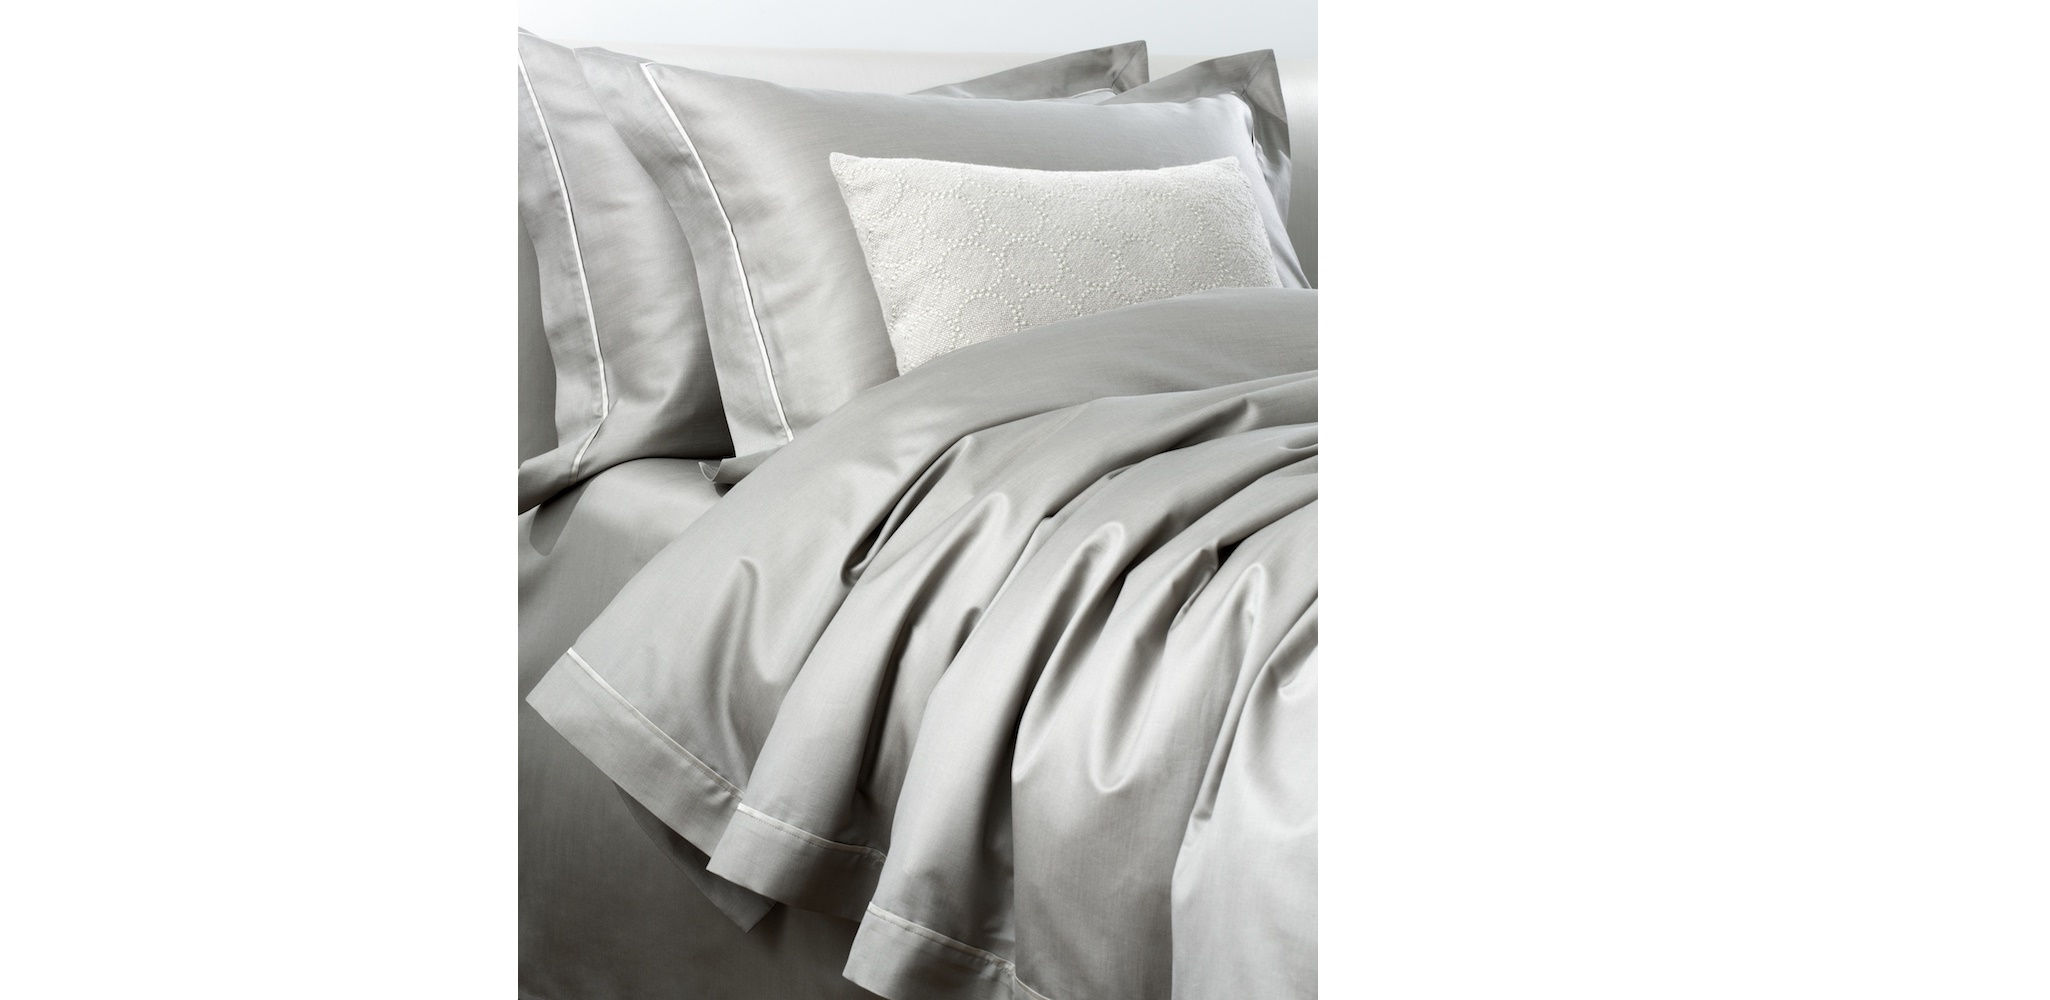 Комплект  постельного белья CANALETTO ARGENTO (королевский)Двуспальные комплекты постельного белья<br>&amp;lt;div&amp;gt;Постельное белье, достойное монарха ? это итальянский сатин от Fiori di Vinezia, который ткут из тончайшего египетского длинноволокнистого хлопка плотностью 800 ТС. Эта ткань, окрашенная в мягкий серый цвет, мерцает и струится, как шелк, гладкая и податливая на ощупь. Ее можно стирать при 40°С, а гладить ? влажной и при температуре 150°. В комплекте пододеяльник 240х220 см, простынь 260х280 см и две наволочки 50х70 см. Набор уже упакован в подарочную коробку и может стать роскошным подарком на любое торжество.&amp;lt;/div&amp;gt;<br><br>Material: Сатин<br>Length см: 280<br>Width см: 260<br>Height см: None